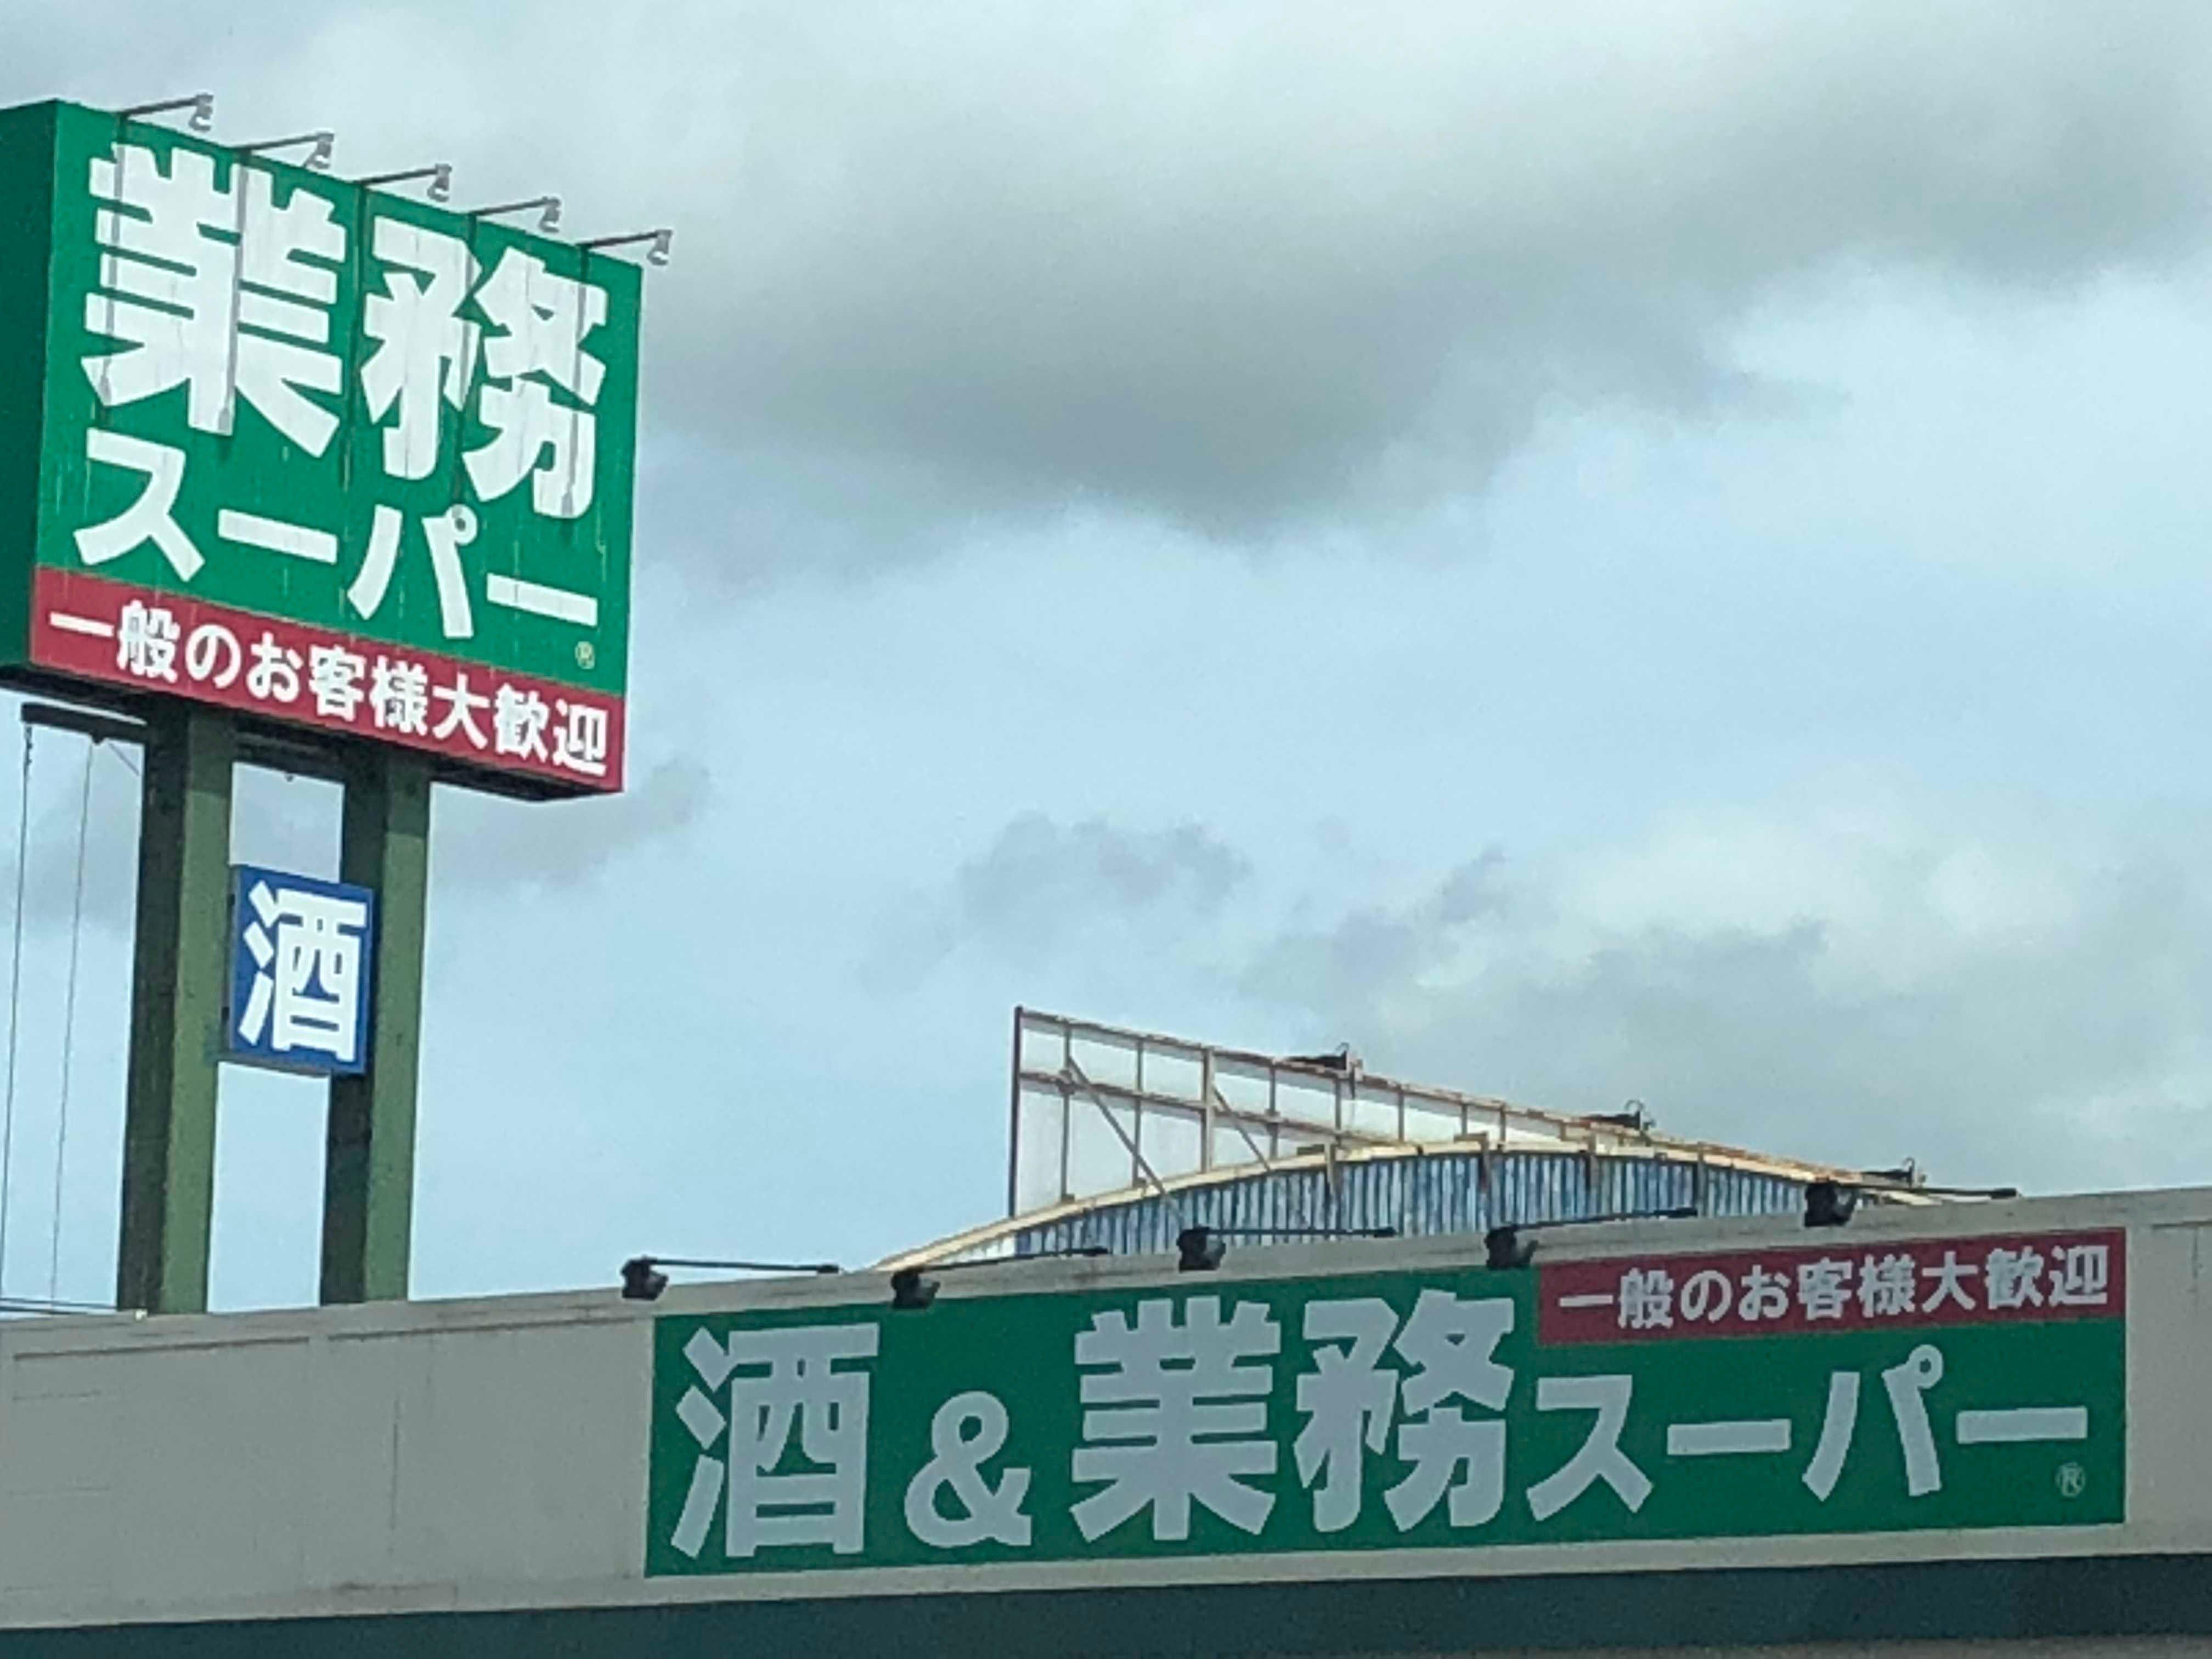 「業務スーパー」を運営する神戸物産のお得な株主優待